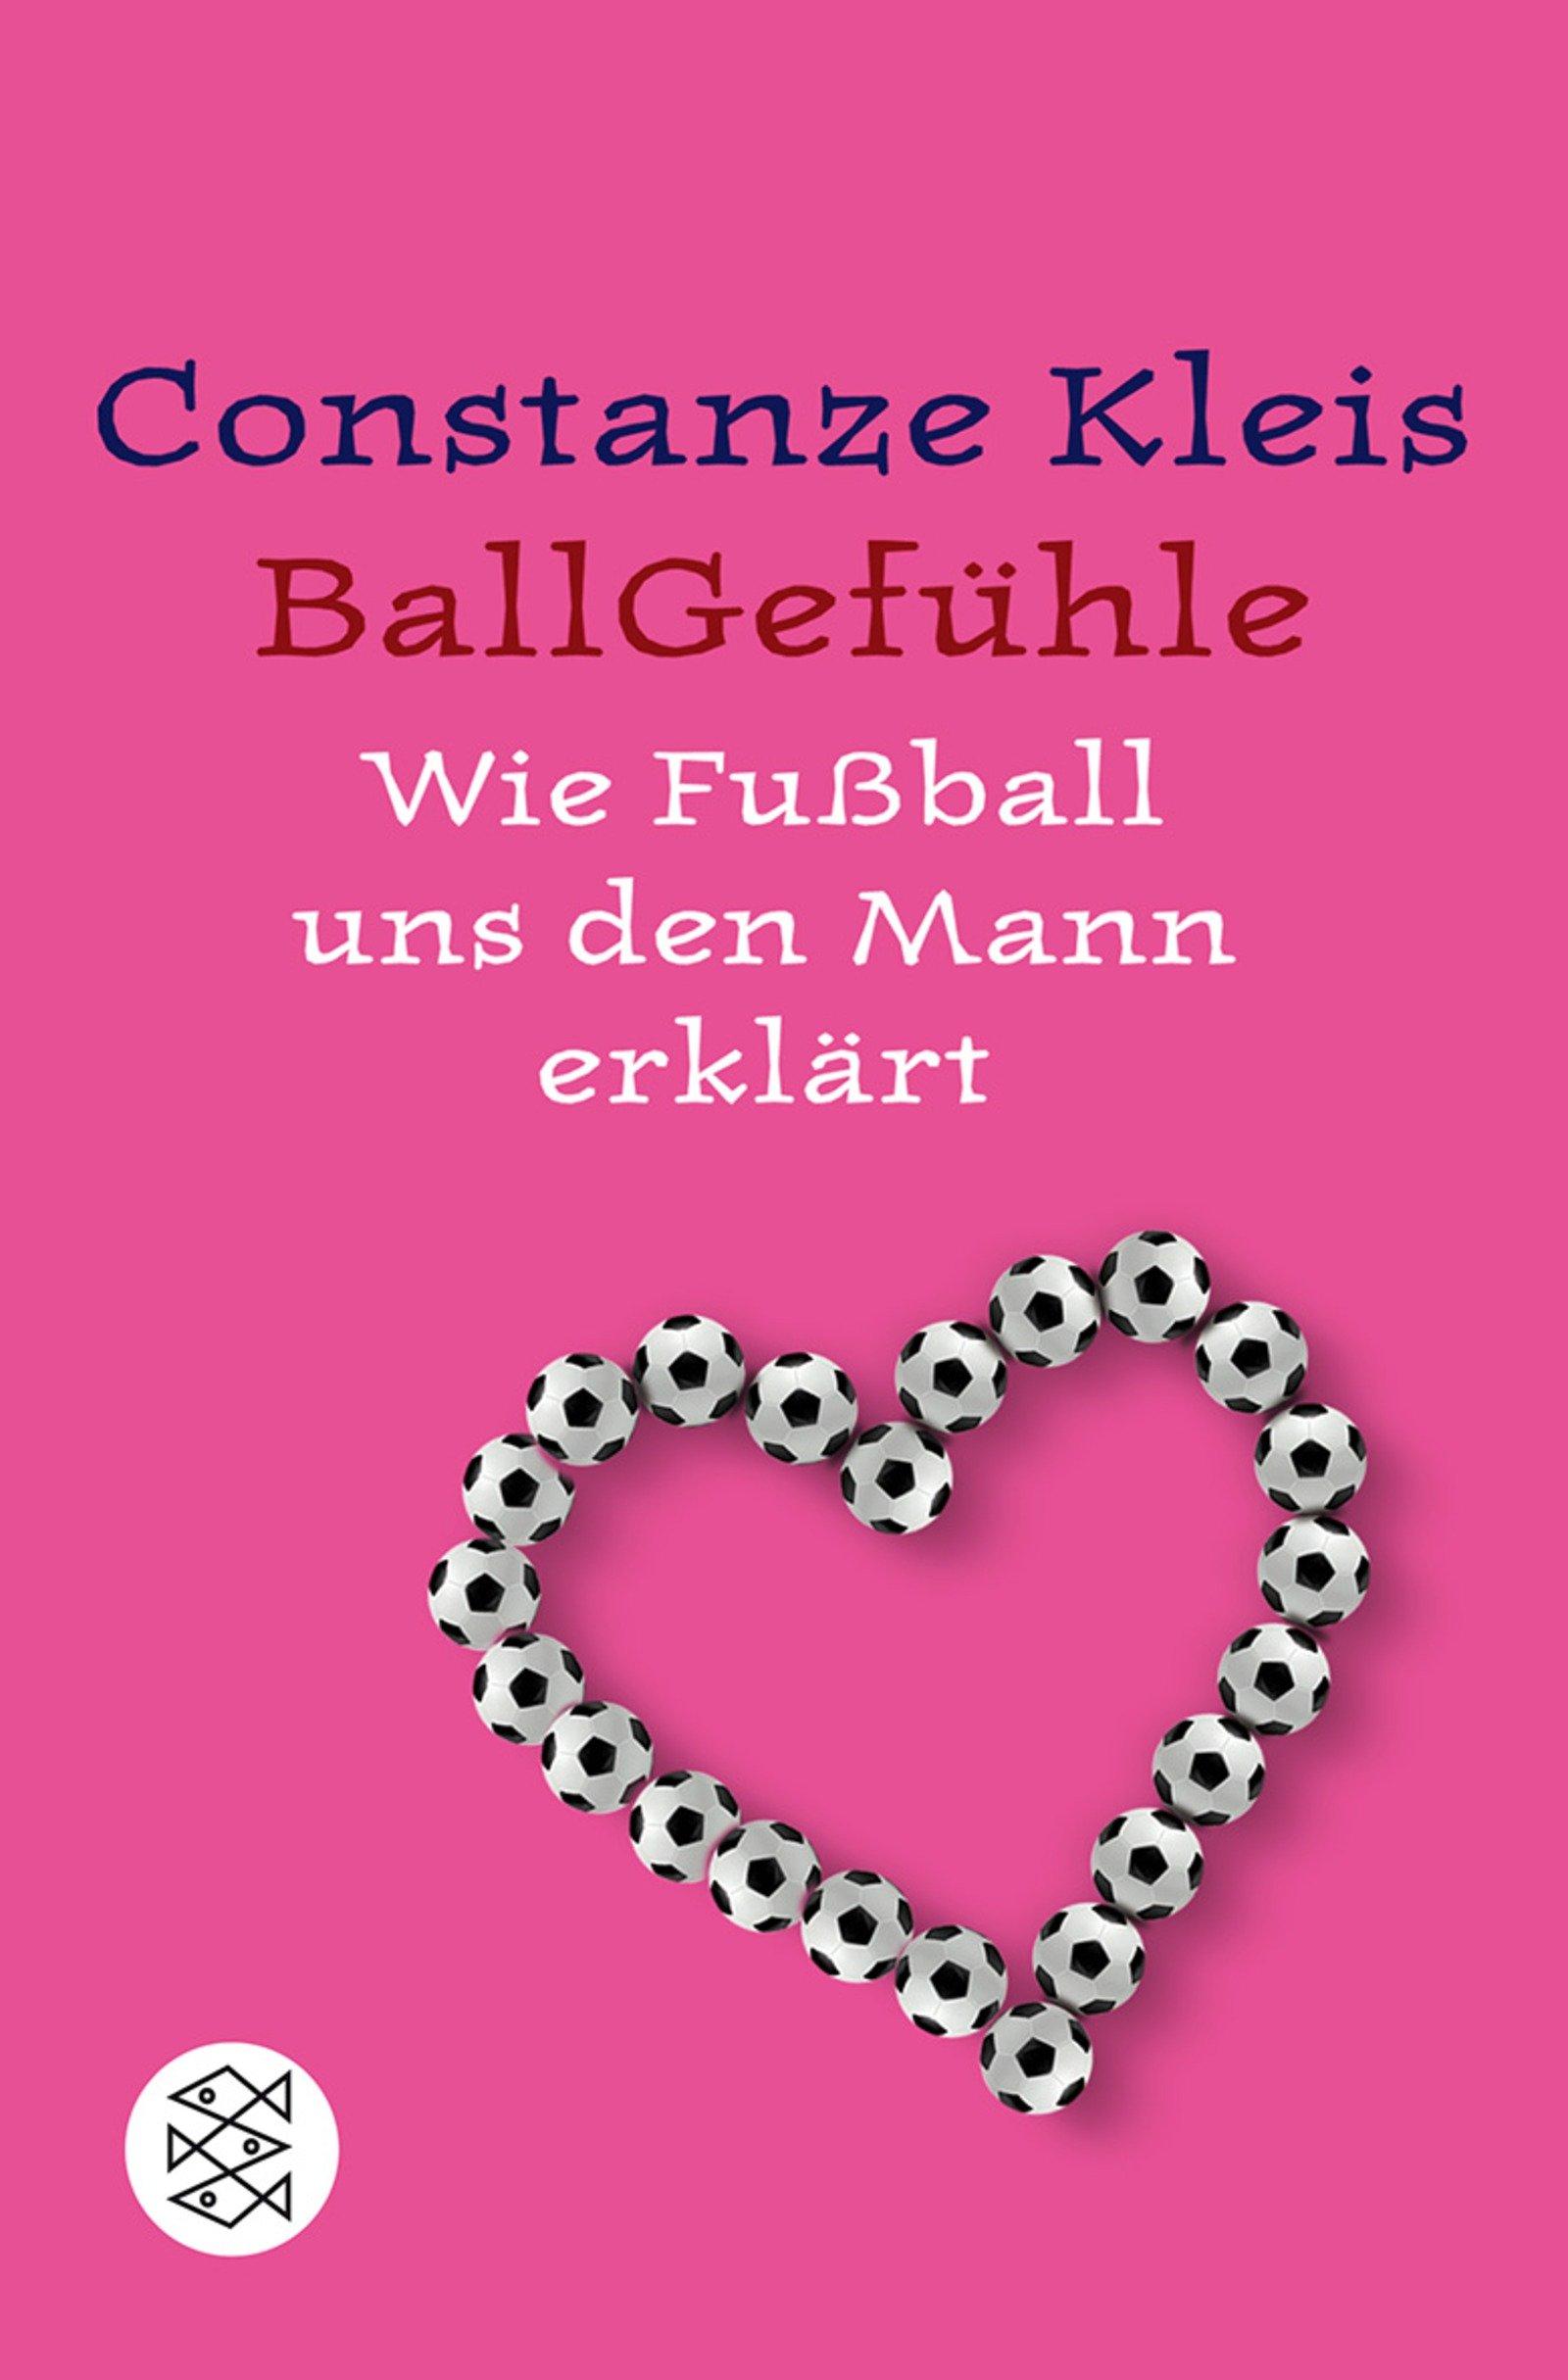 Ballgefühle: Wie Fußball uns den Mann erklärt (Fischer Sachbücher)